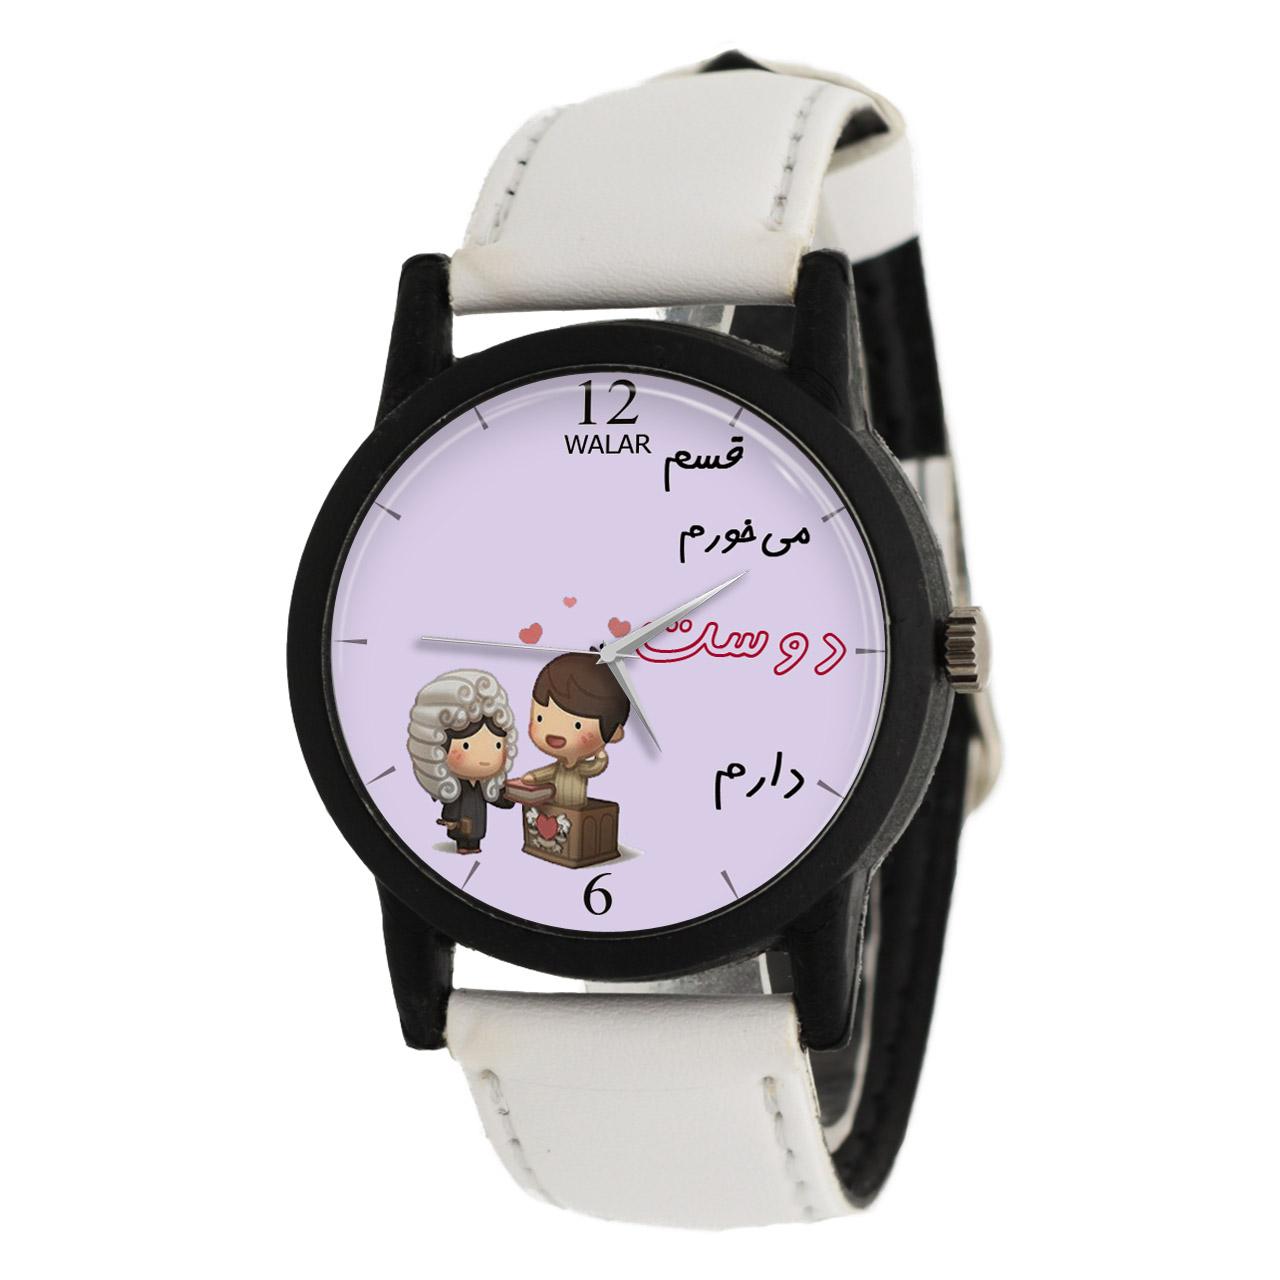 ساعت مچی عقربه ای زنانه والار مدل LF1482 36